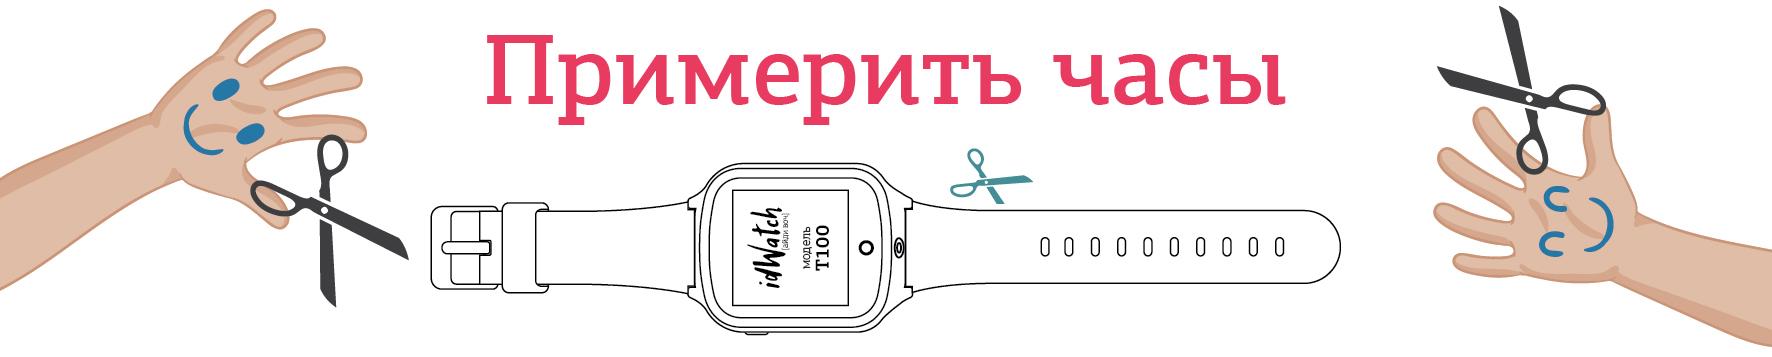 примерить_часы-01.jpg